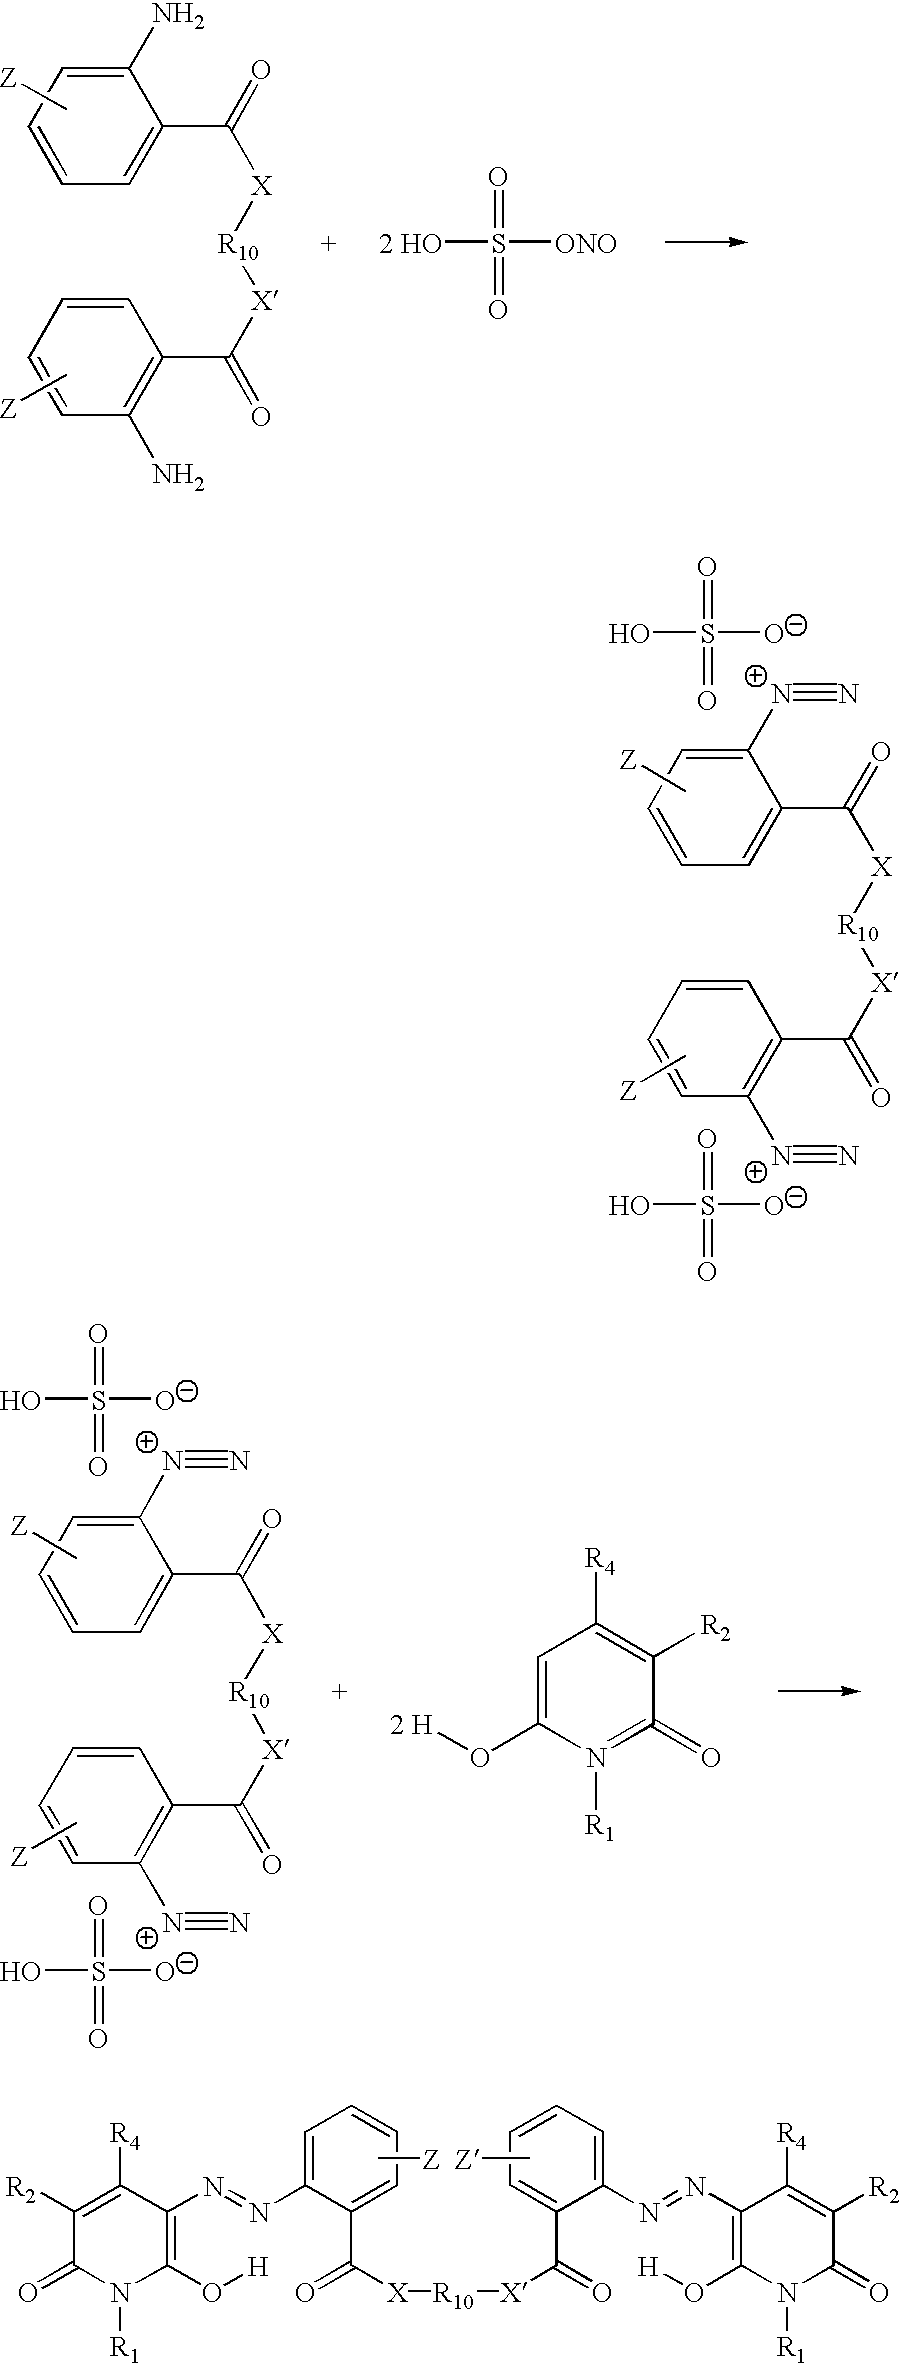 Figure US06696552-20040224-C00107